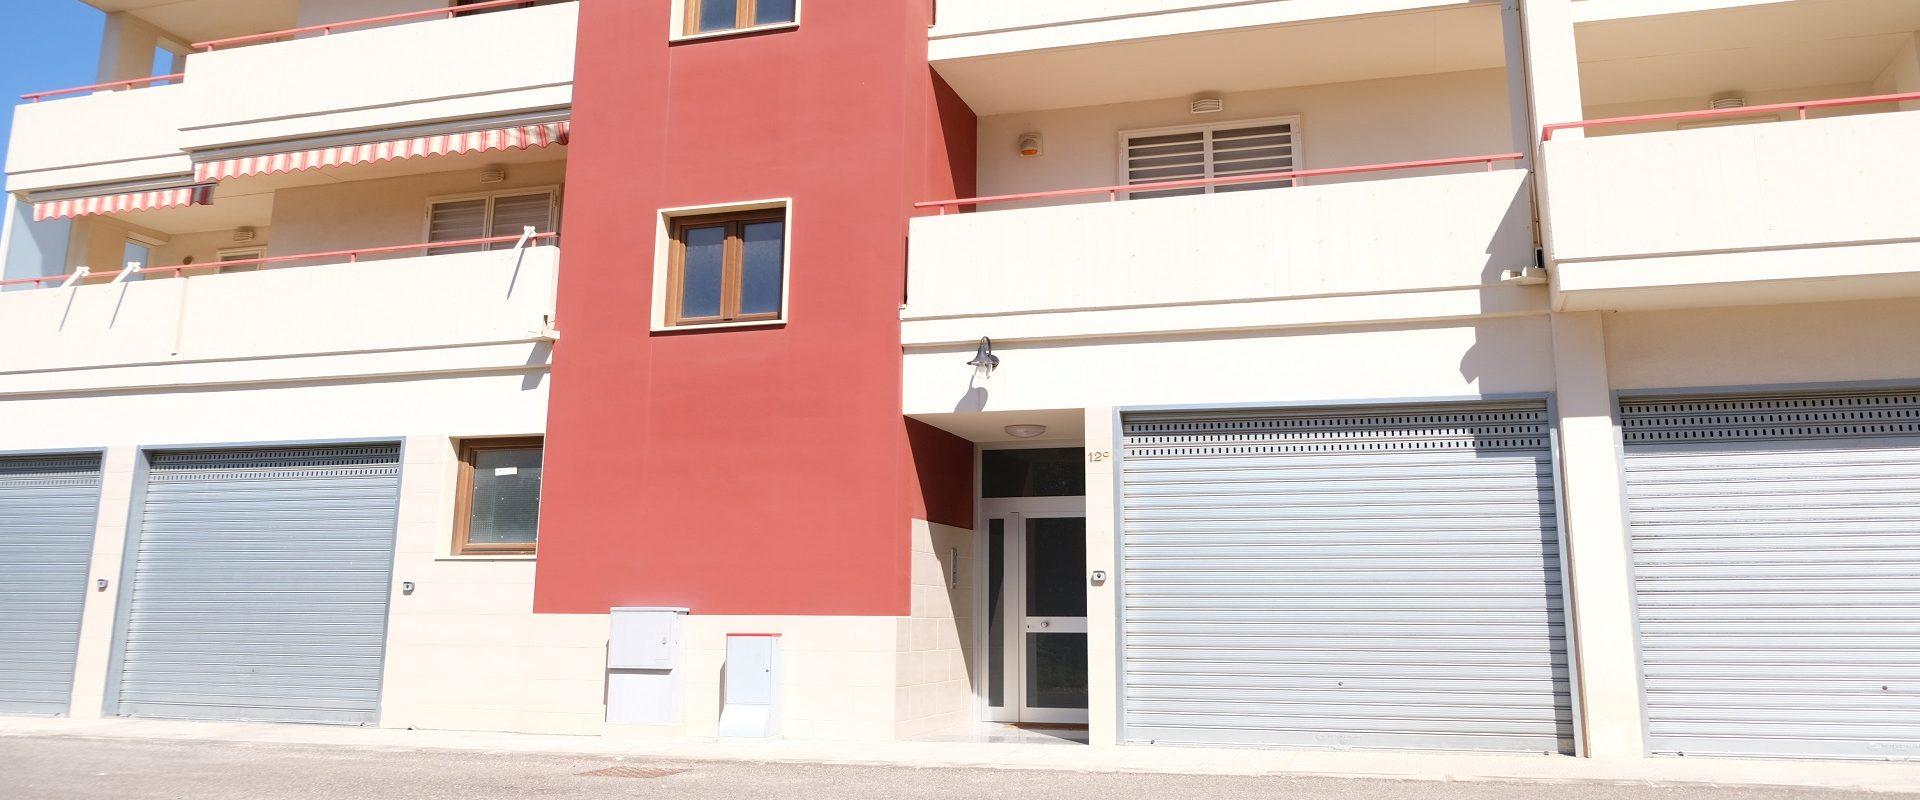 Appartamenti di nuova costruzione di 3 vani + acc.